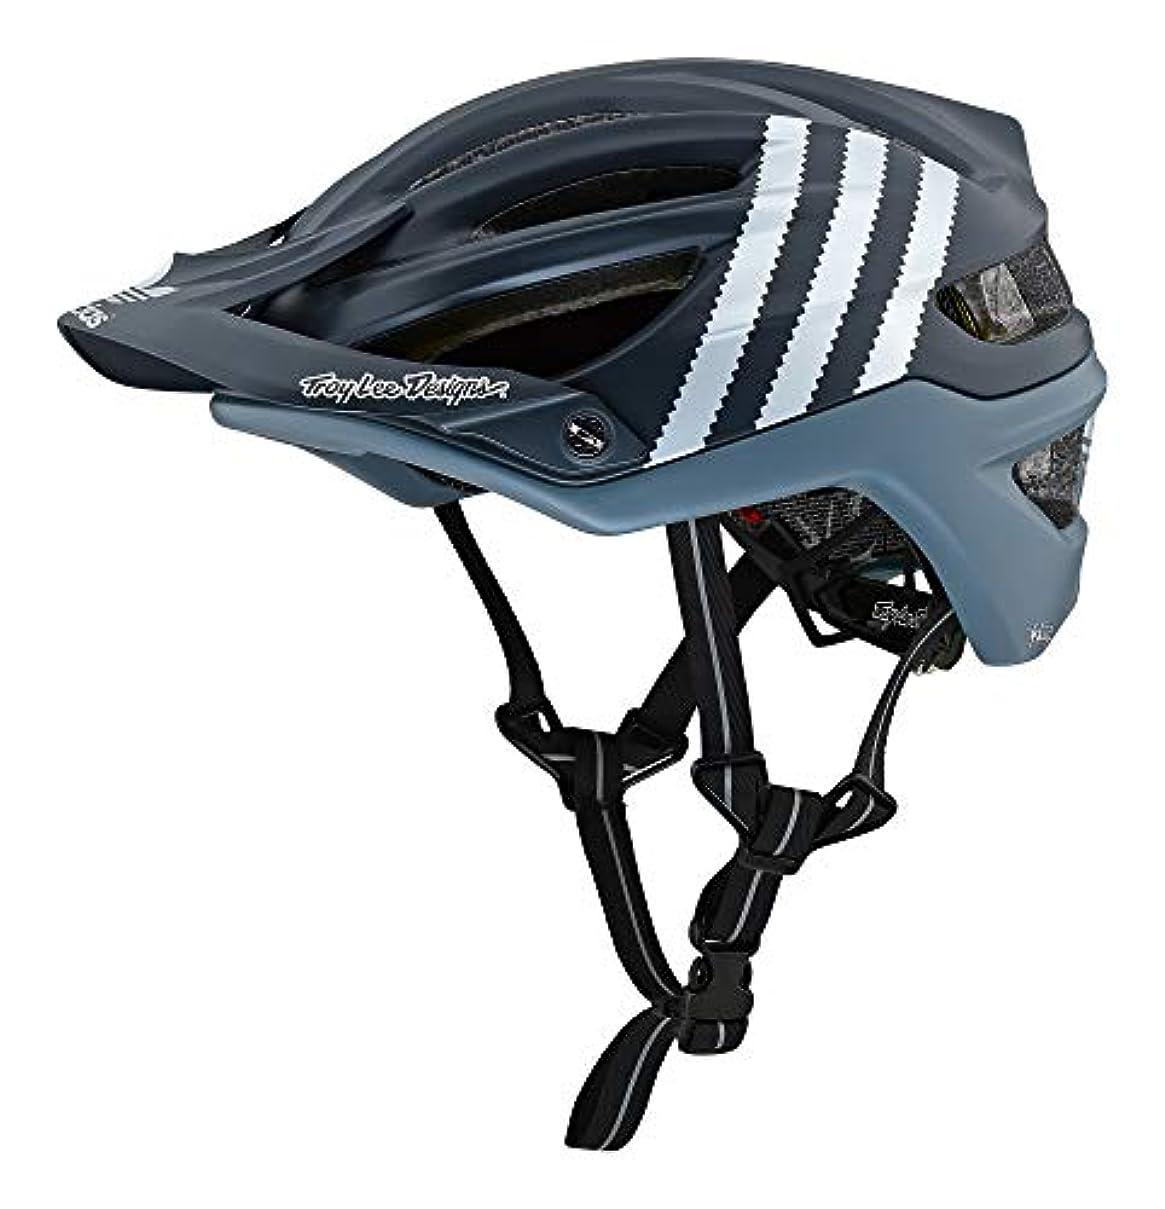 ペルメル高さ過剰Troy Lee ヘルメット 限定版 自転車用 A2 Mips 2019年 モデル Addidas Team [並行輸入品]